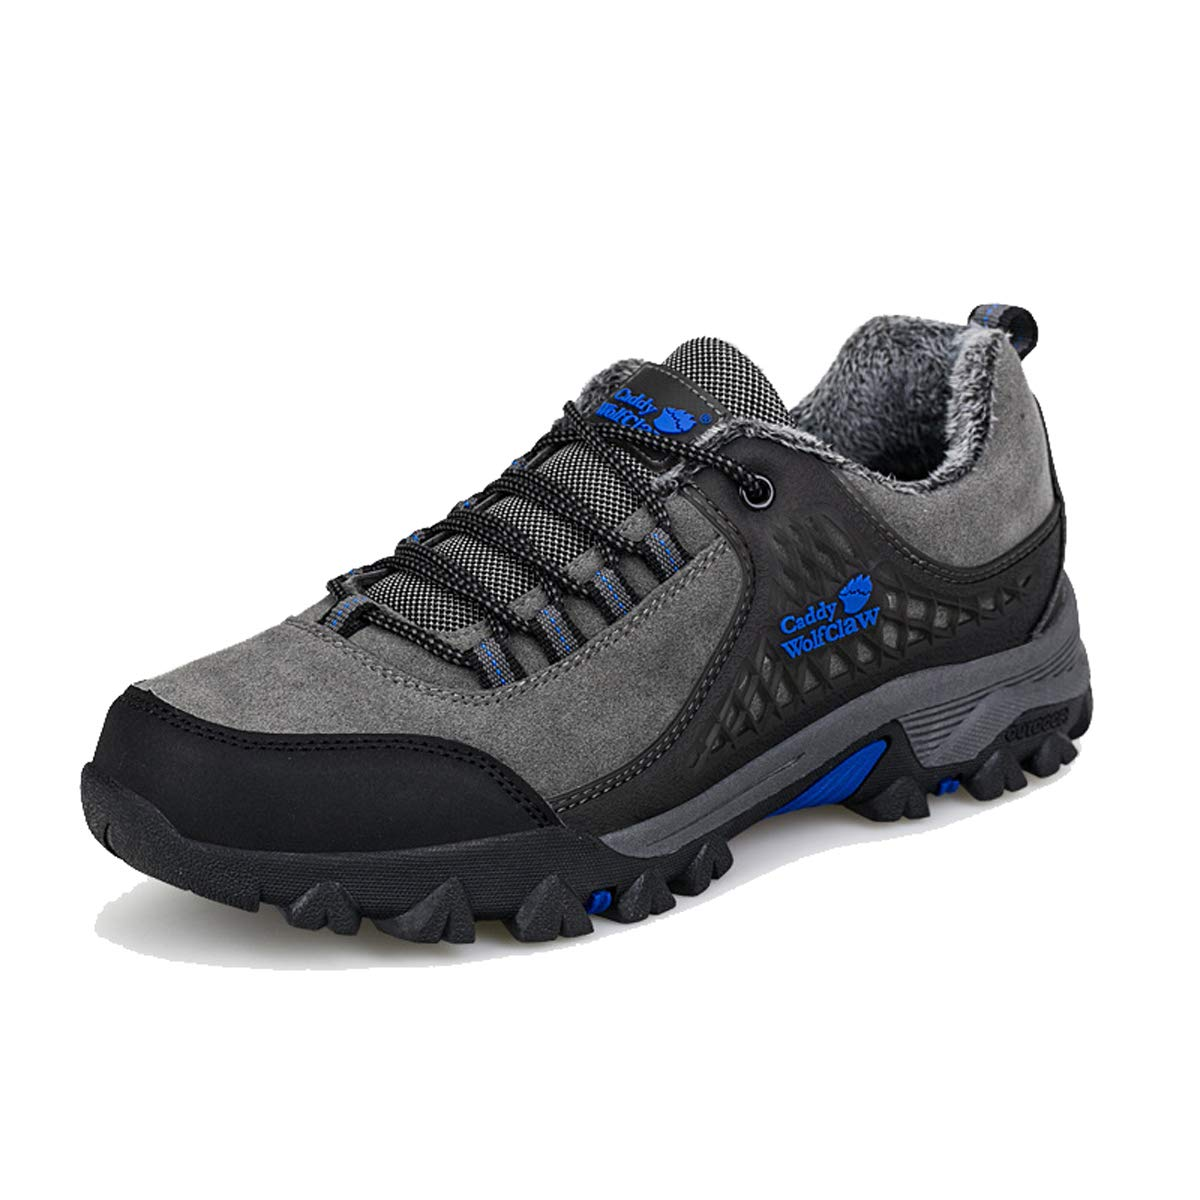 Adong  Herren Wanderschuhe Bergsteigen Stiefel Niedrig-top Schuhe Wasser-Schuhe Non Slip at-Sauer-Outdoor-Schuhe,B,43EU